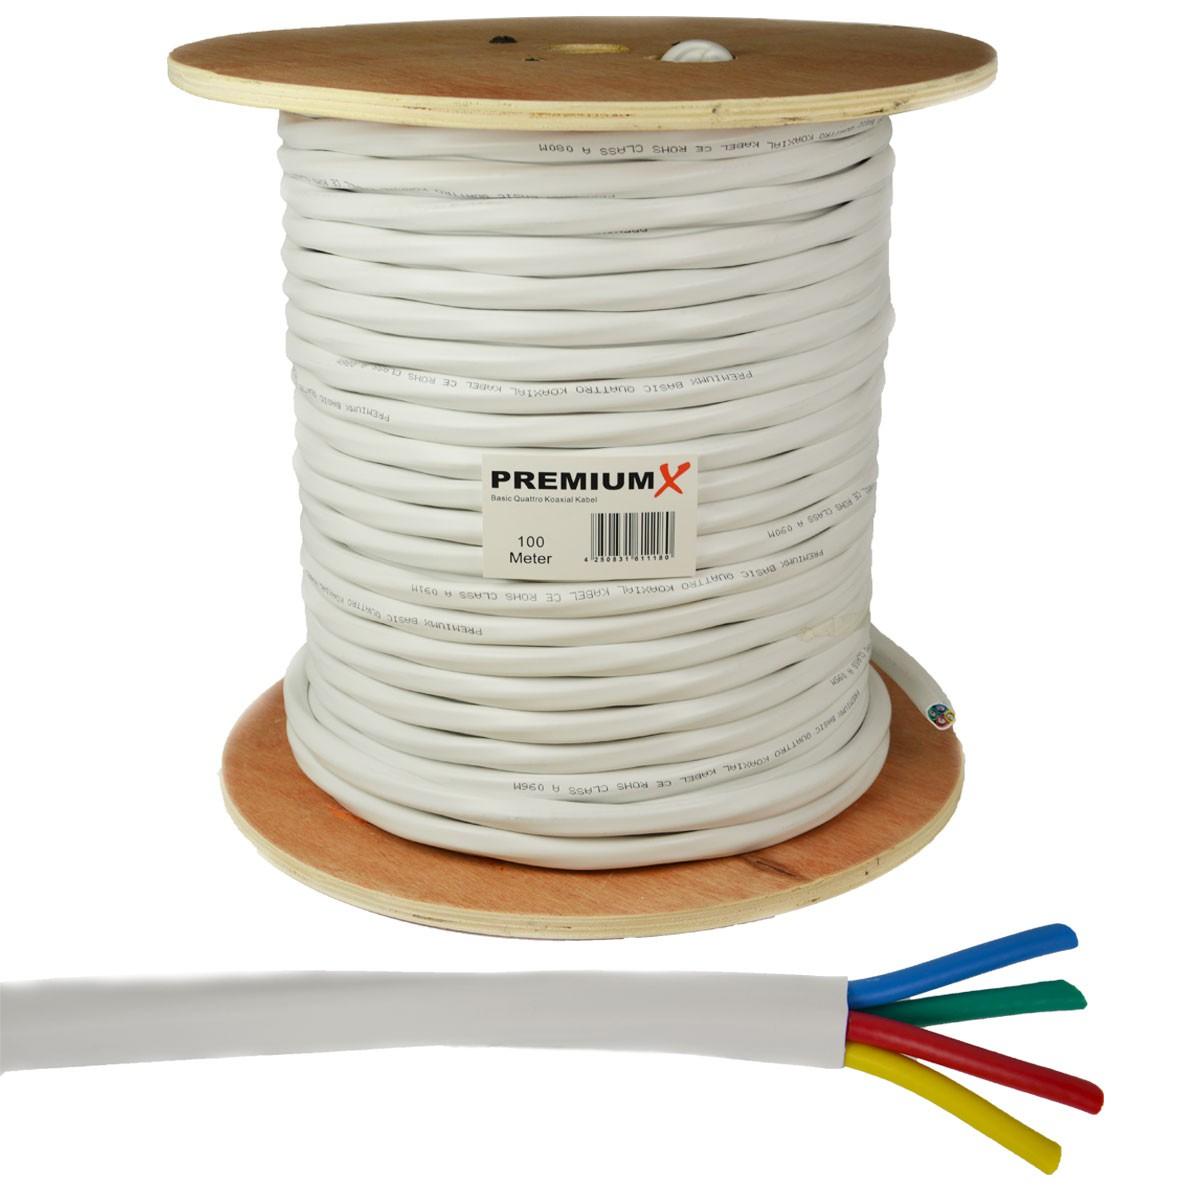 PremiumX 100m Quattro Koaxial Sat Kabel 90dB 2-Fach geschirmt Antennenkabel Quattrokabel HDTV